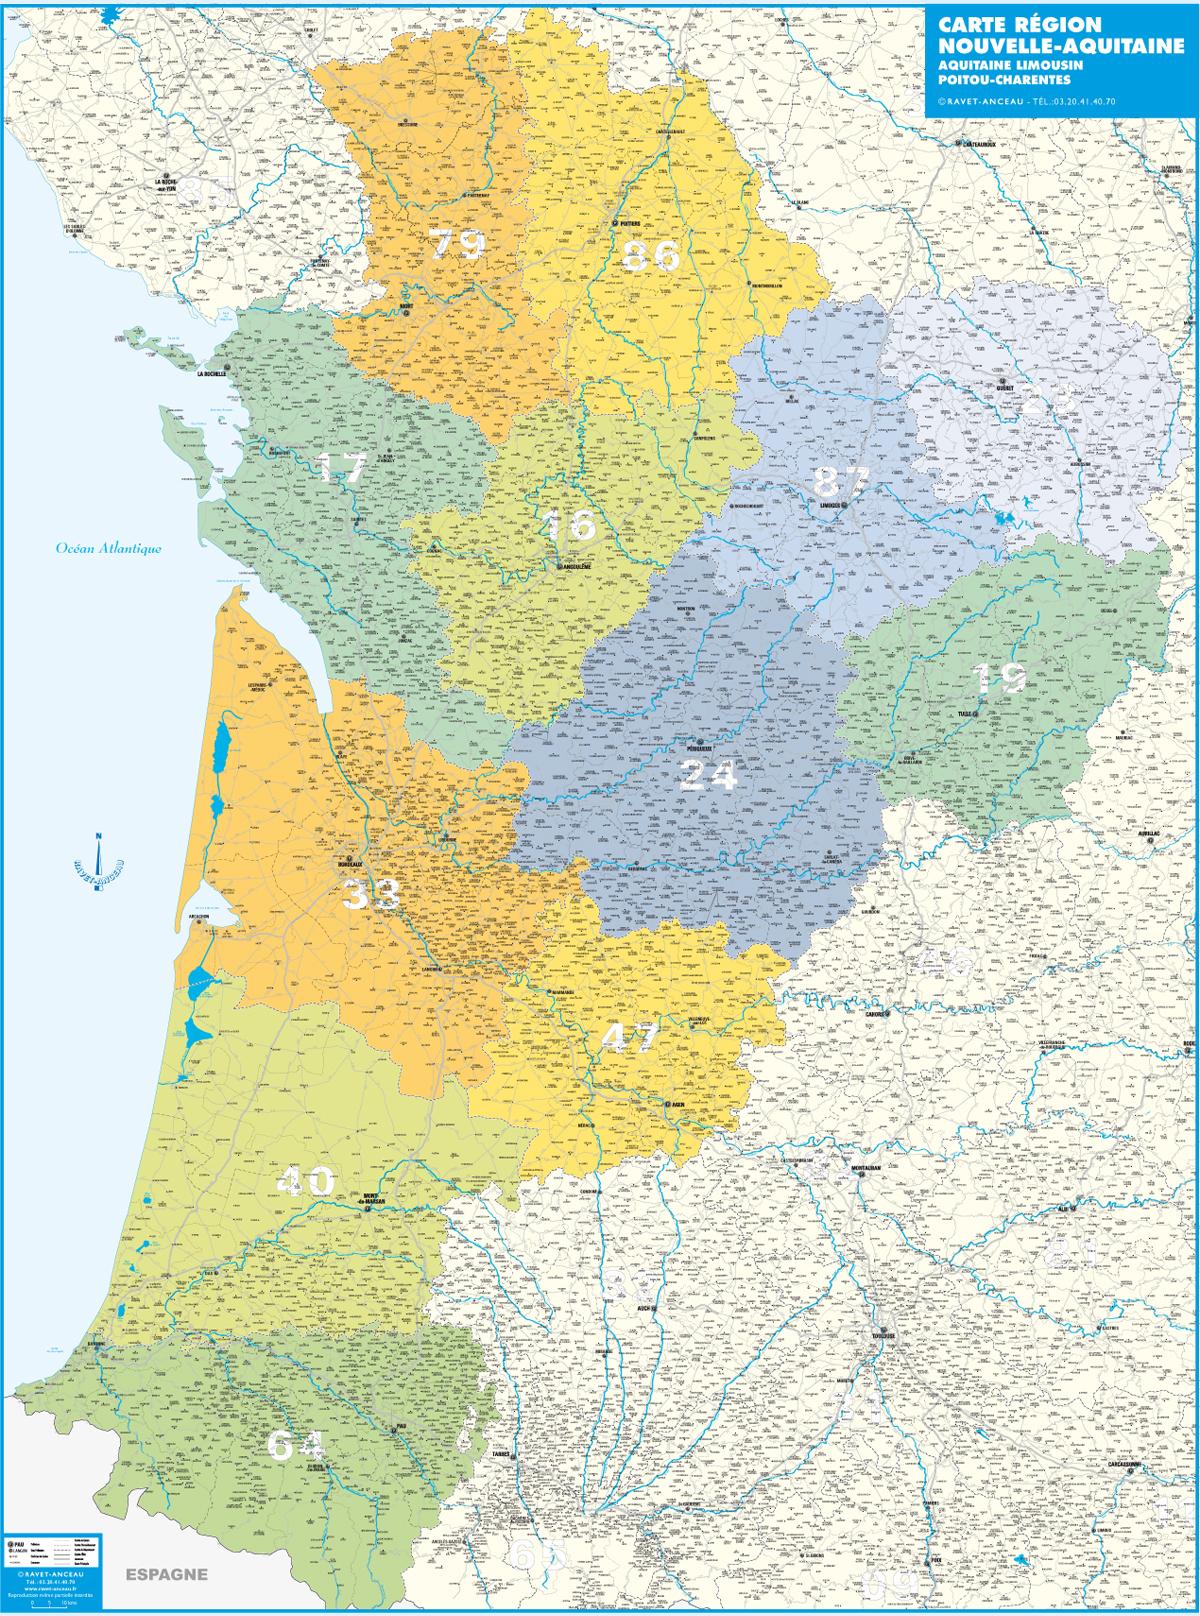 Aquitaine Carte pour Nouvelle Carte Region